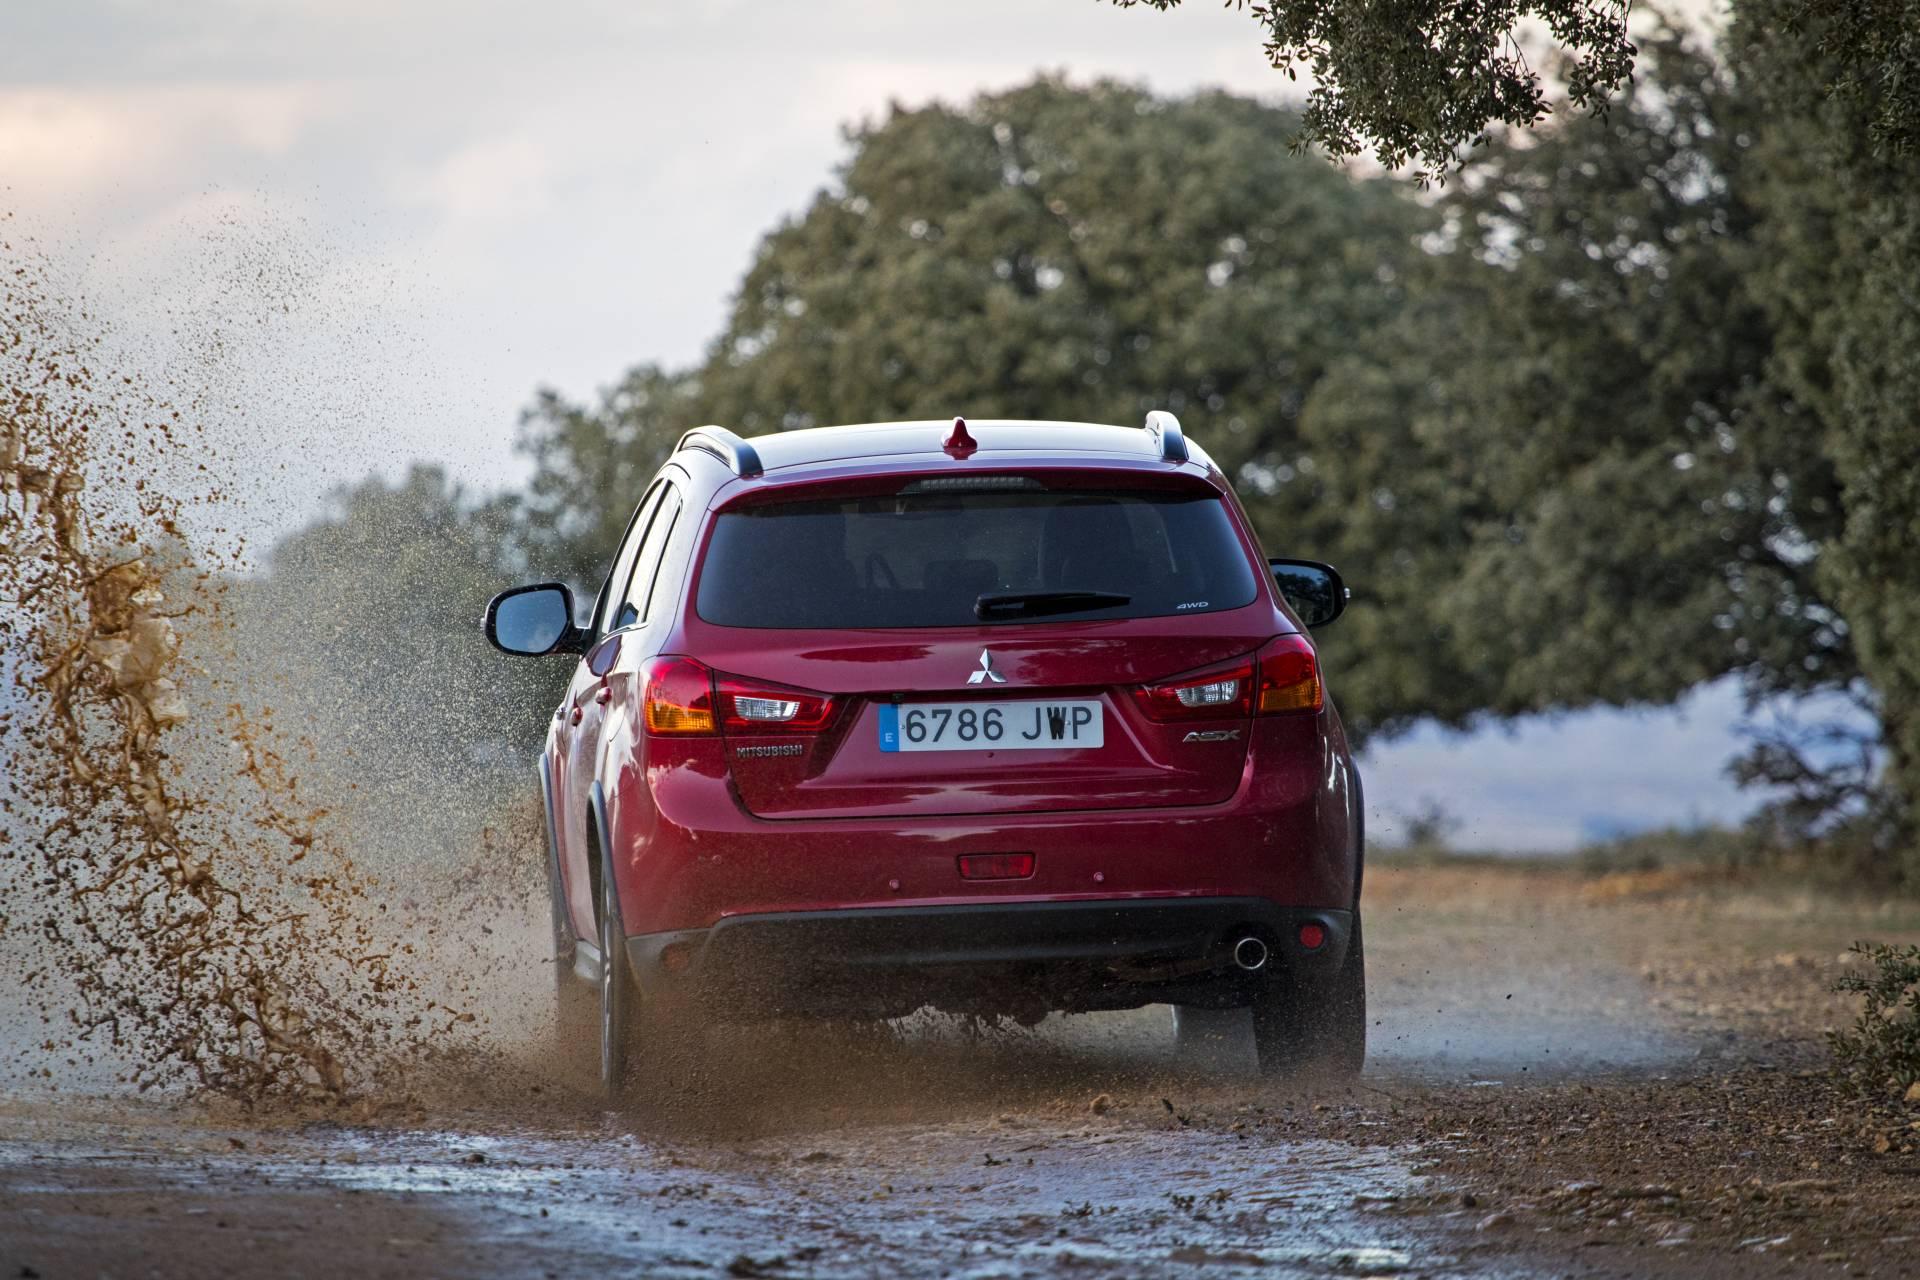 Para adaptarse a cualquier tipo de terreno y a una conducción por caminos en mal estado, su sistema de tracción integral cuenta con tres modos de funcionamiento.